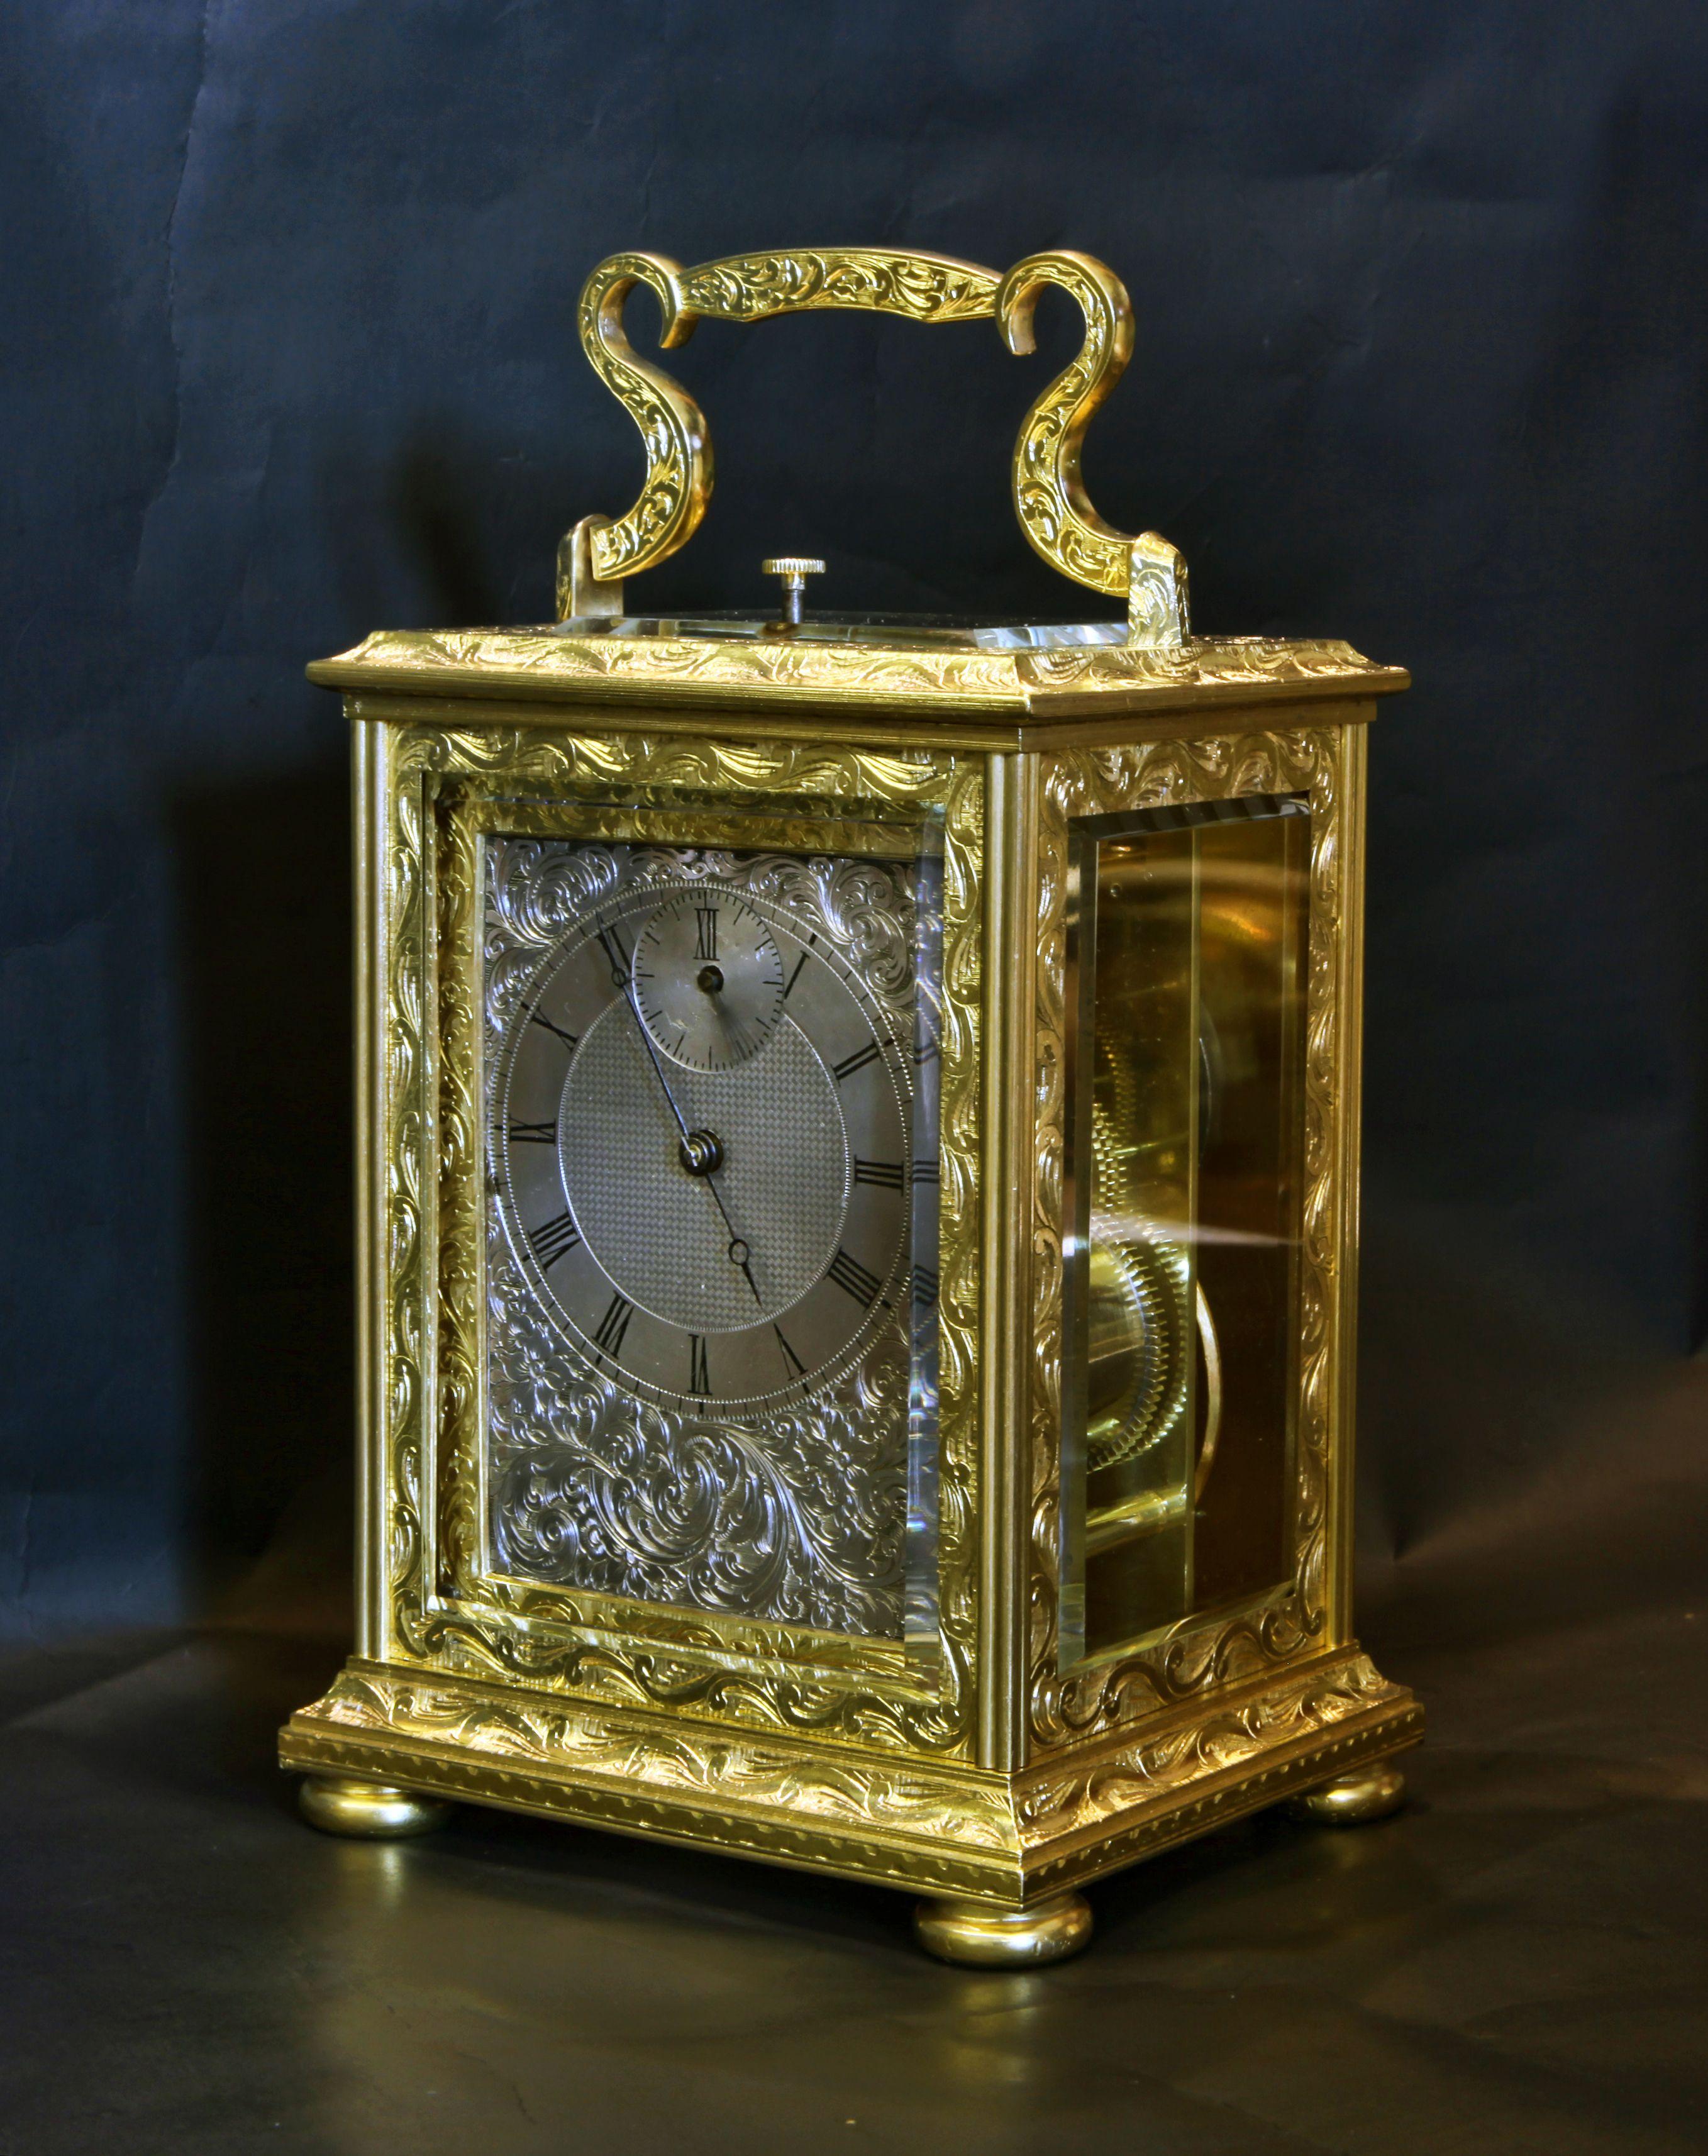 Platform escapement clock dating